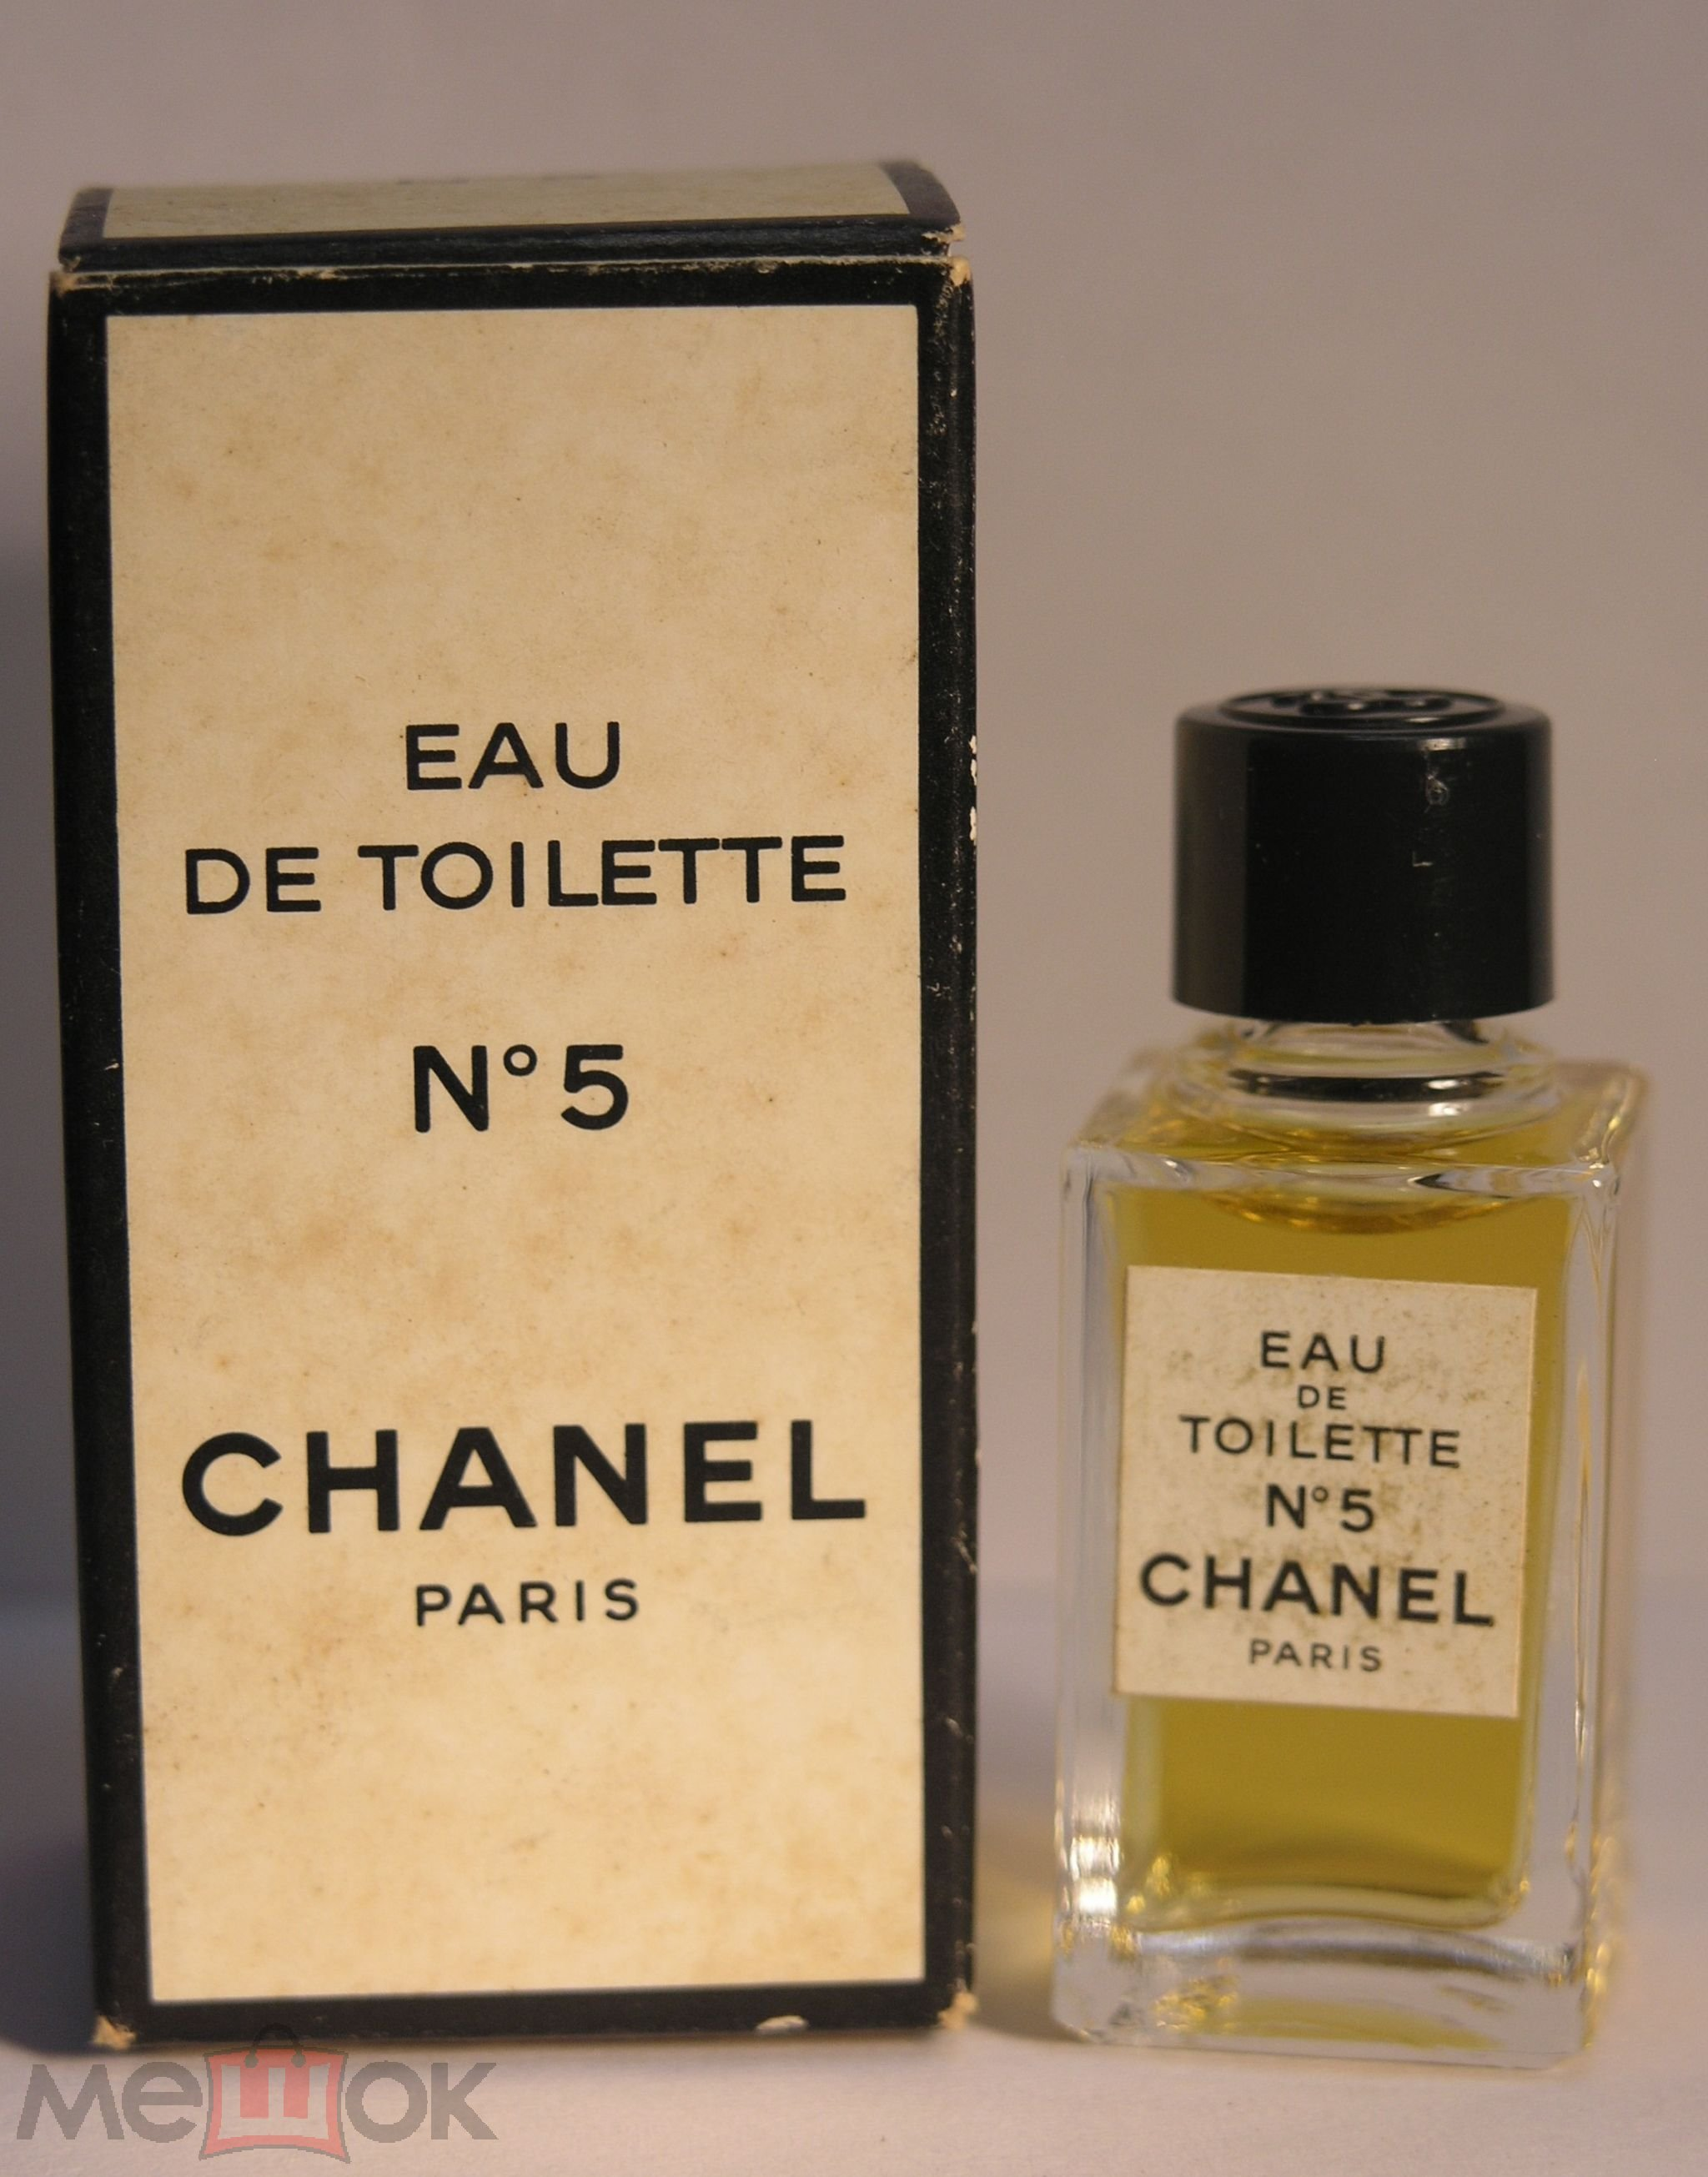 Chanel 5 Eau De Toilette Chanel 45 мл едт винтаж выпуск 80х